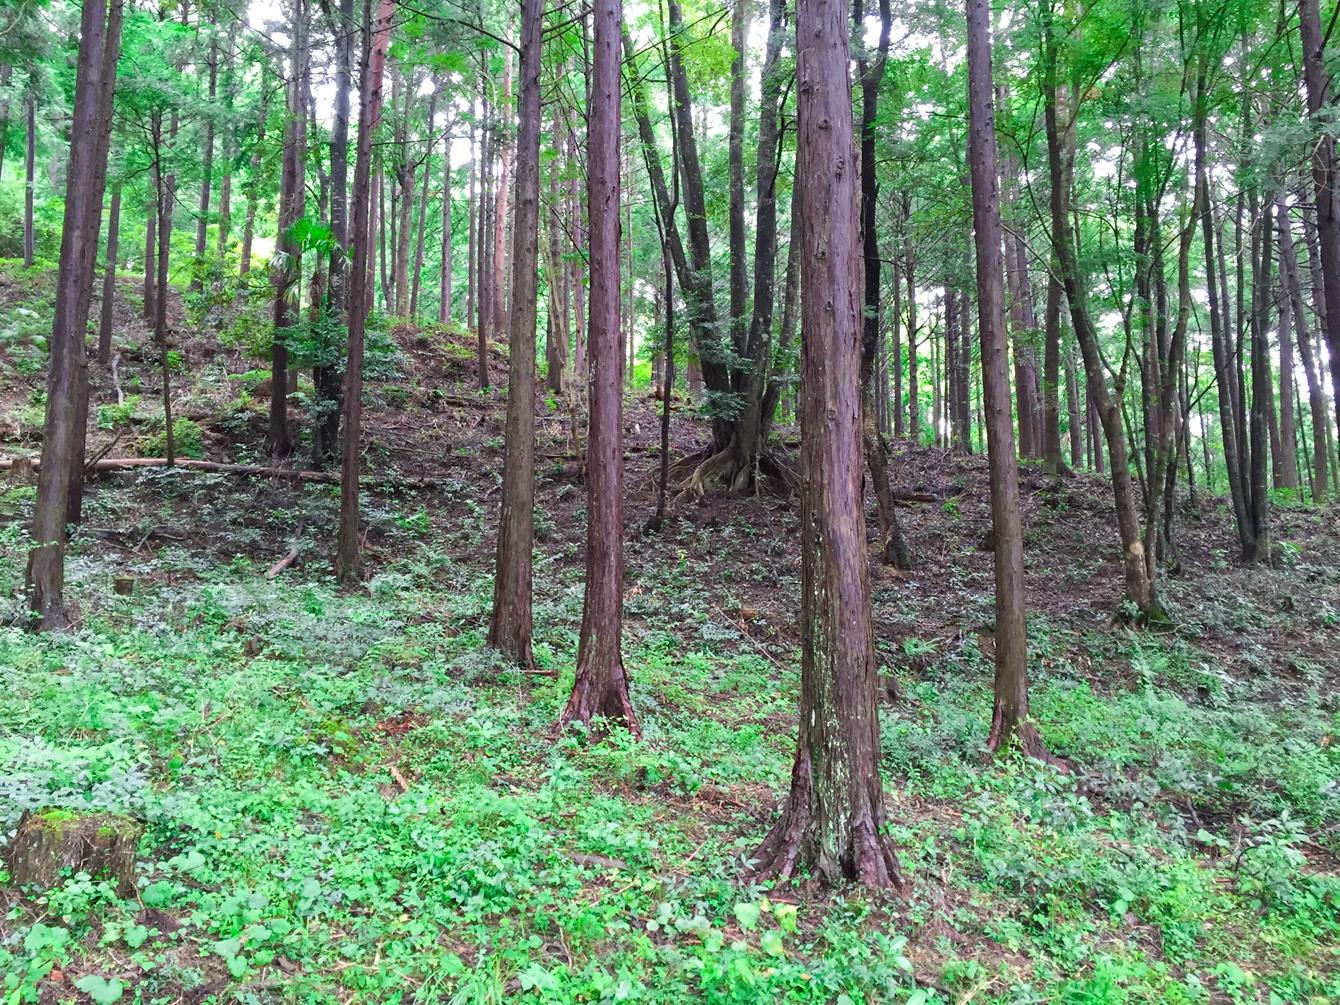 大粟山の山林の様子。手入れがされており山肌は緑色。